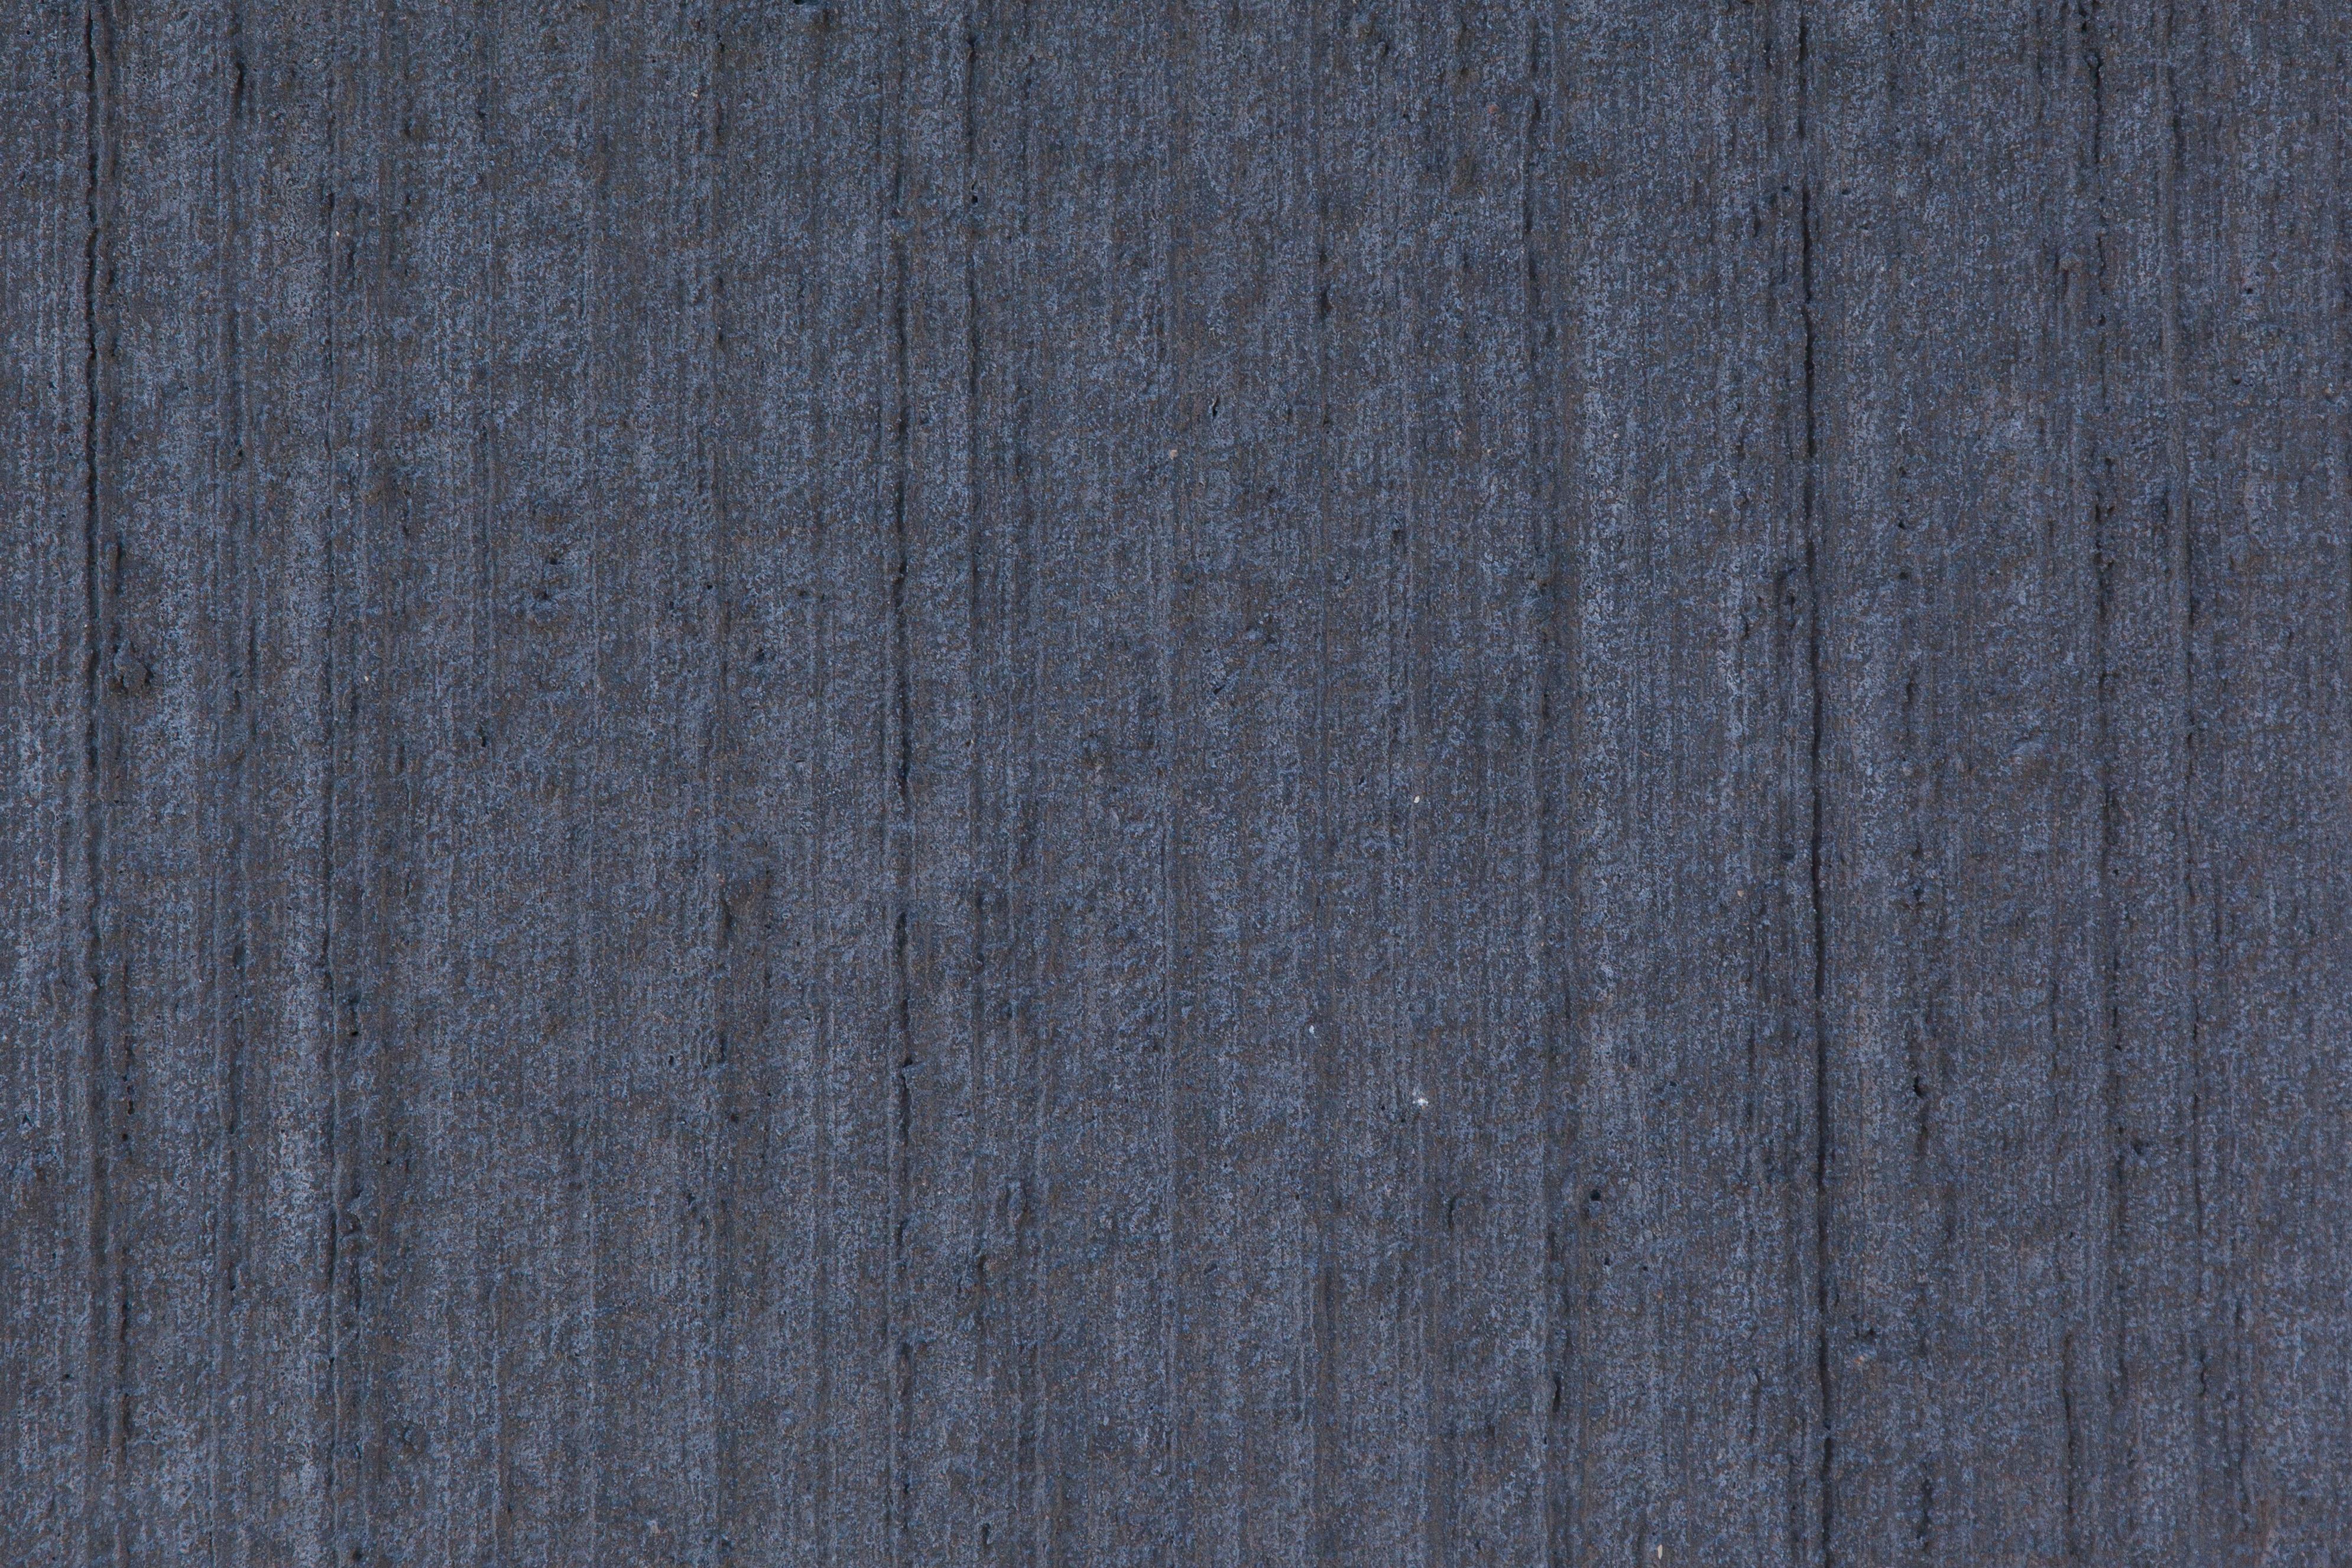 Формовой бетон сколько стоит поштукатурить 1 квадратный метр стены цементным раствором